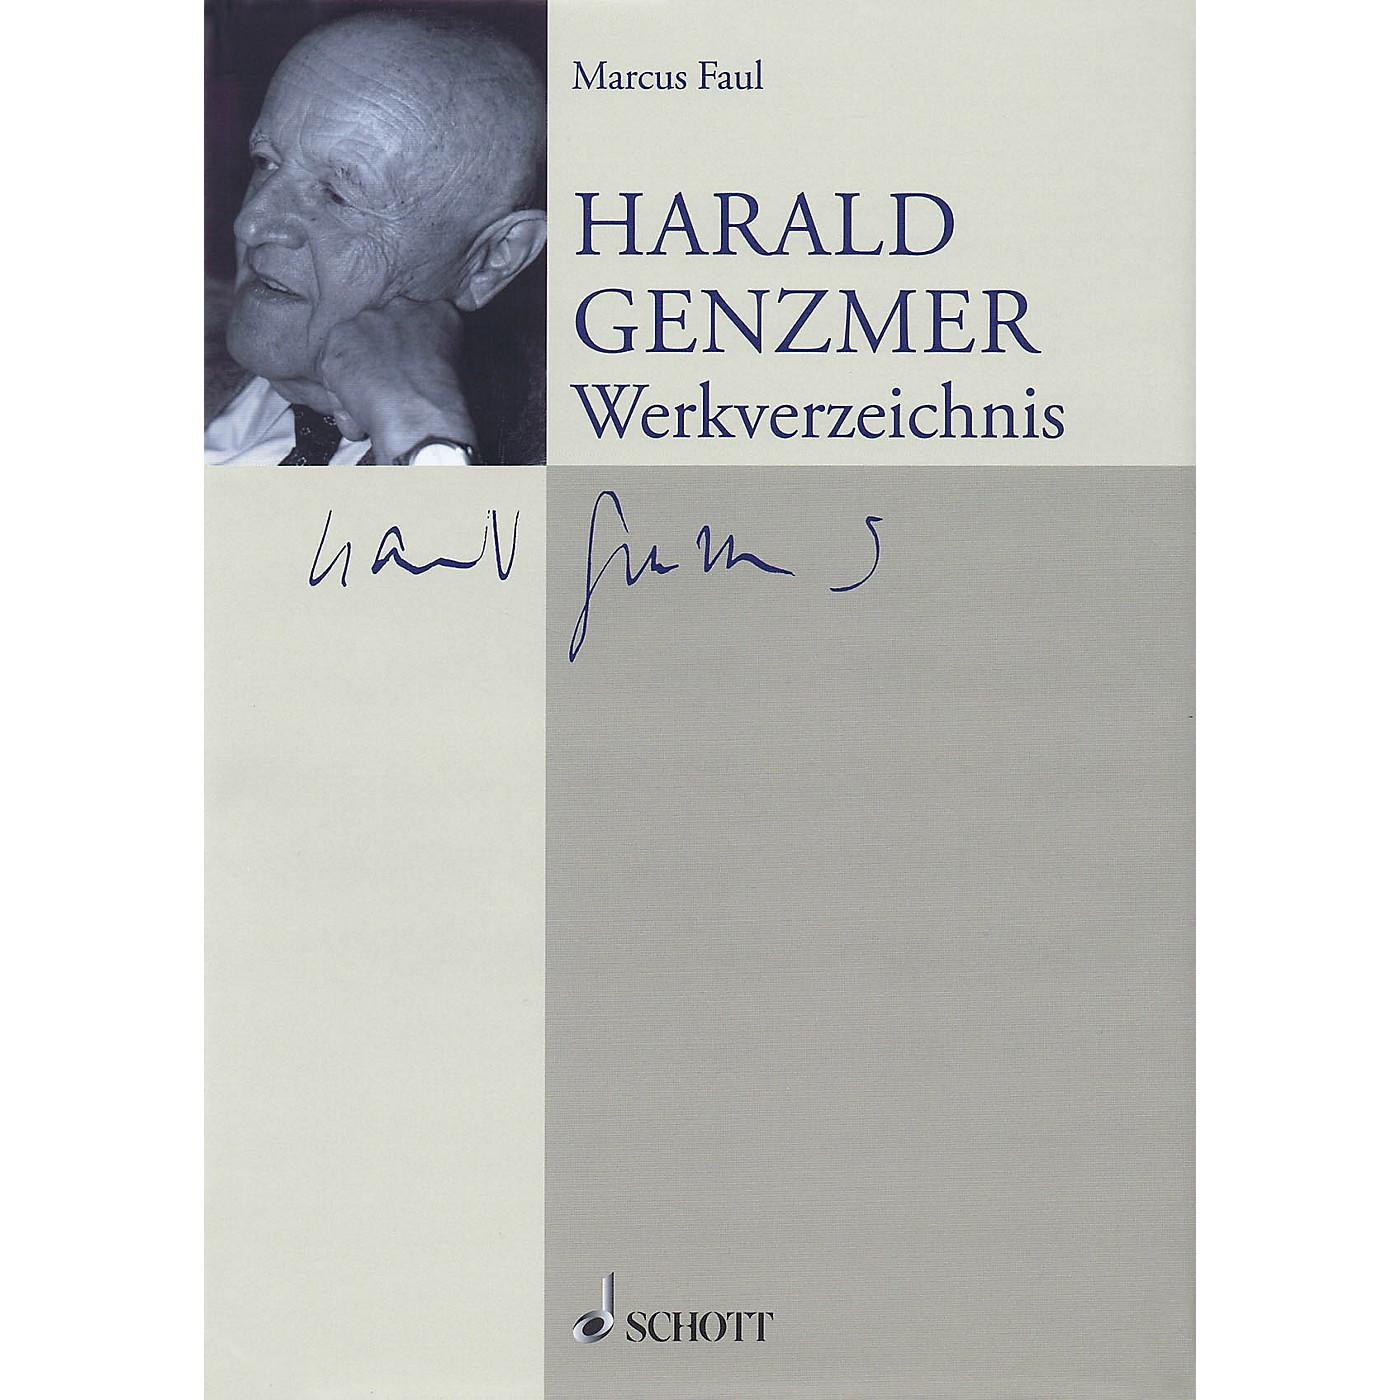 Schott Harald Genzmer: Werkverzeichnis (German Text) Schott Series Hardcover by Harald Genzmer thumbnail